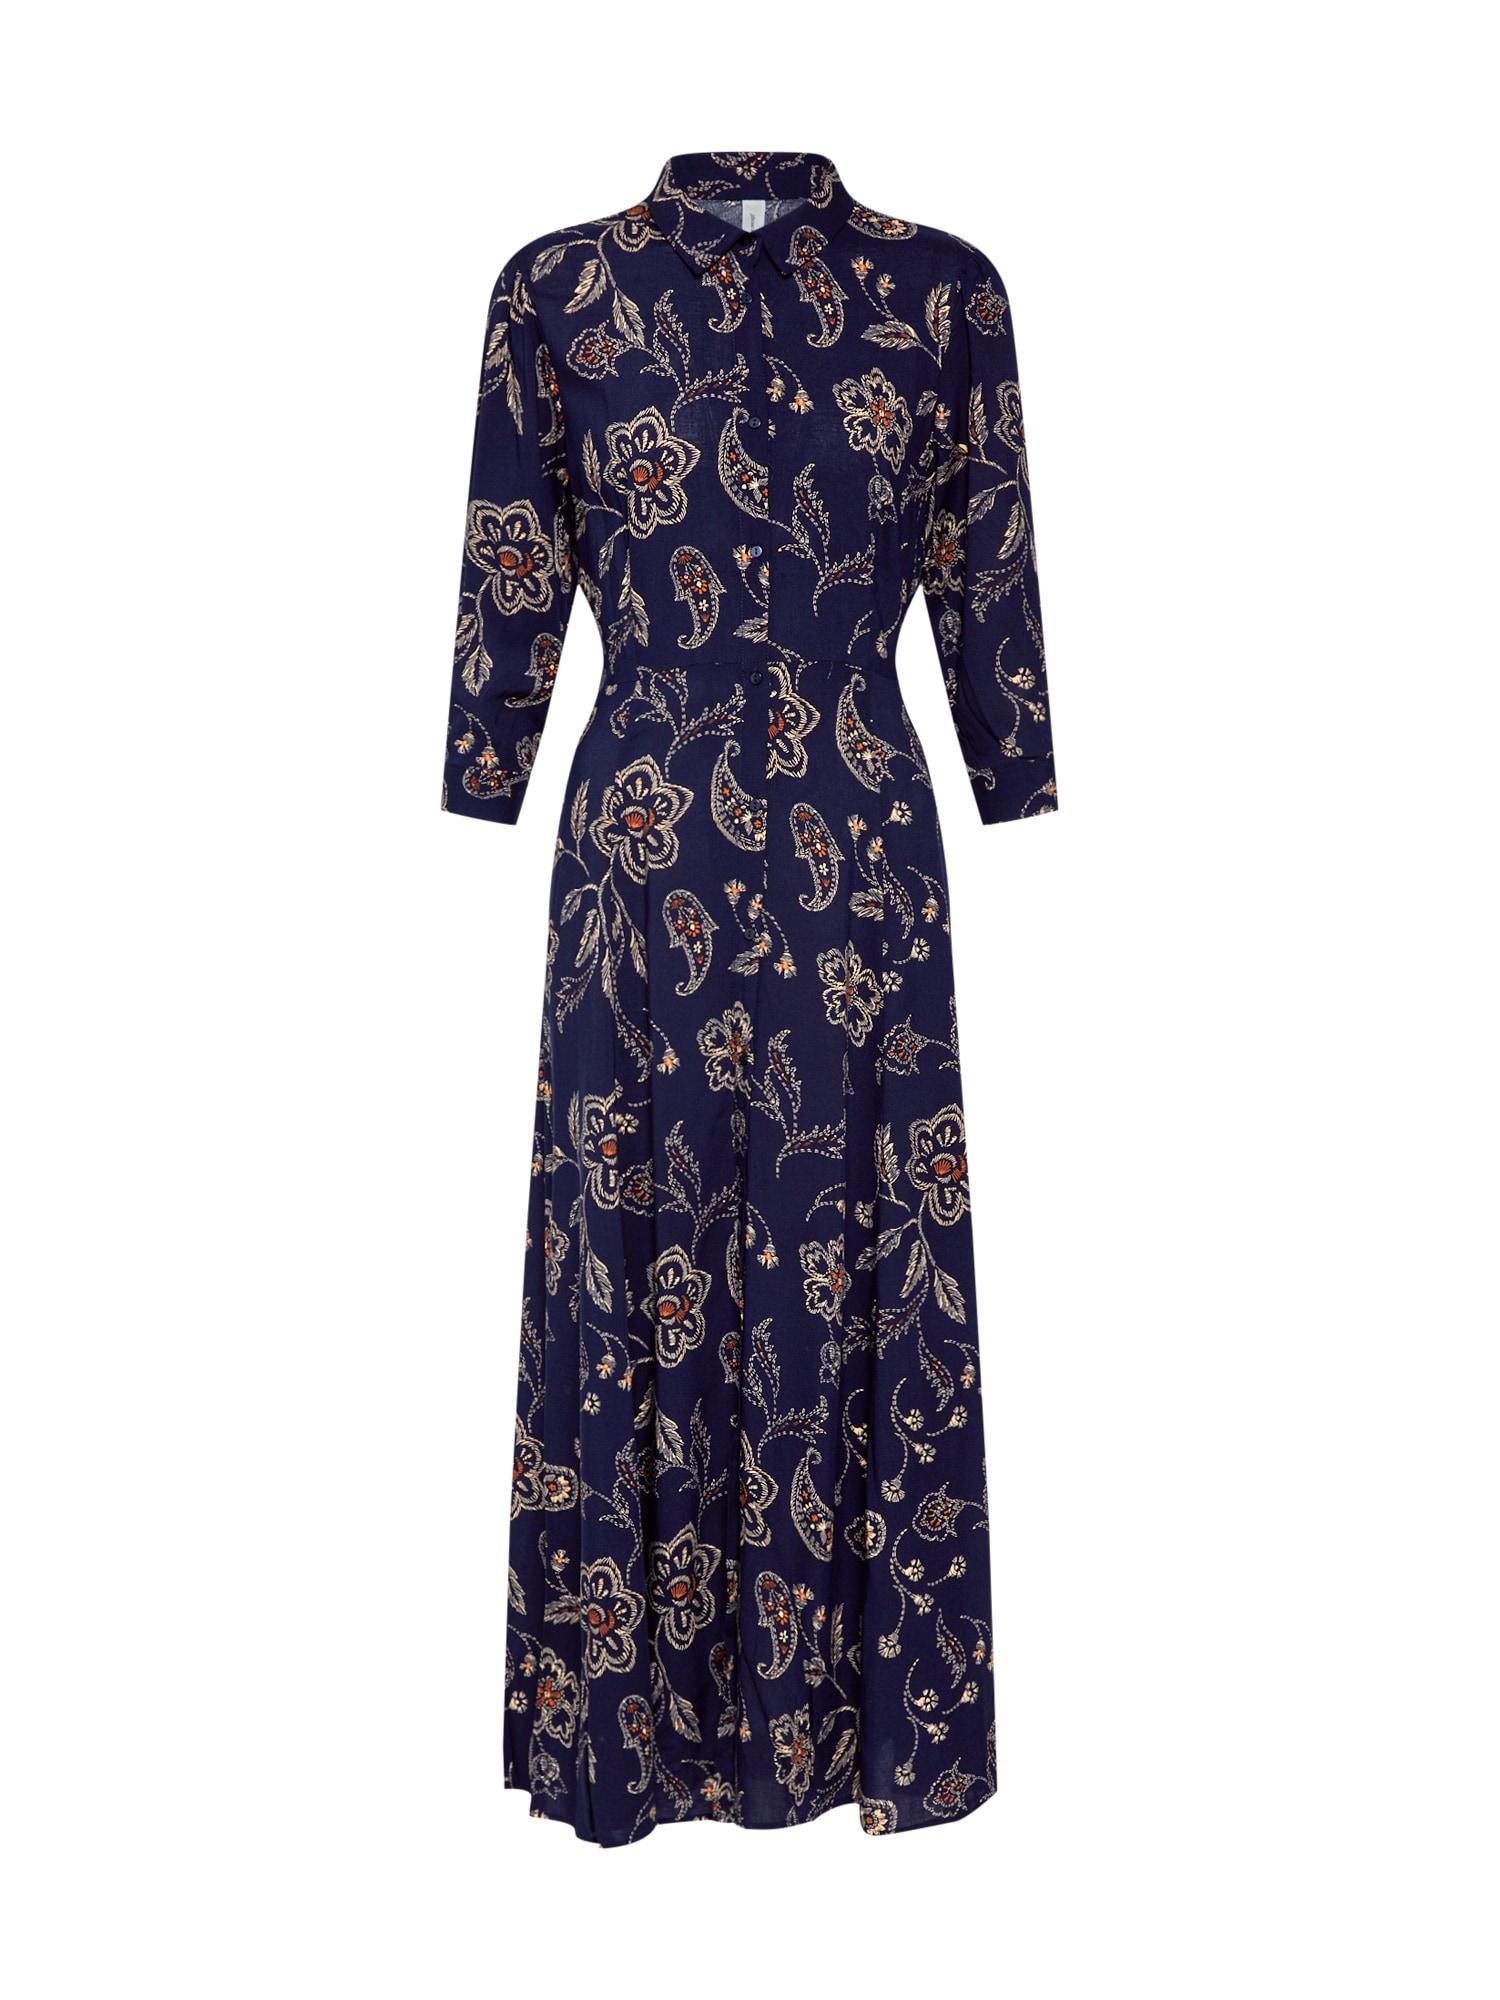 Košilové šaty BONNA 3 námořnická modř mix barev Soyaconcept